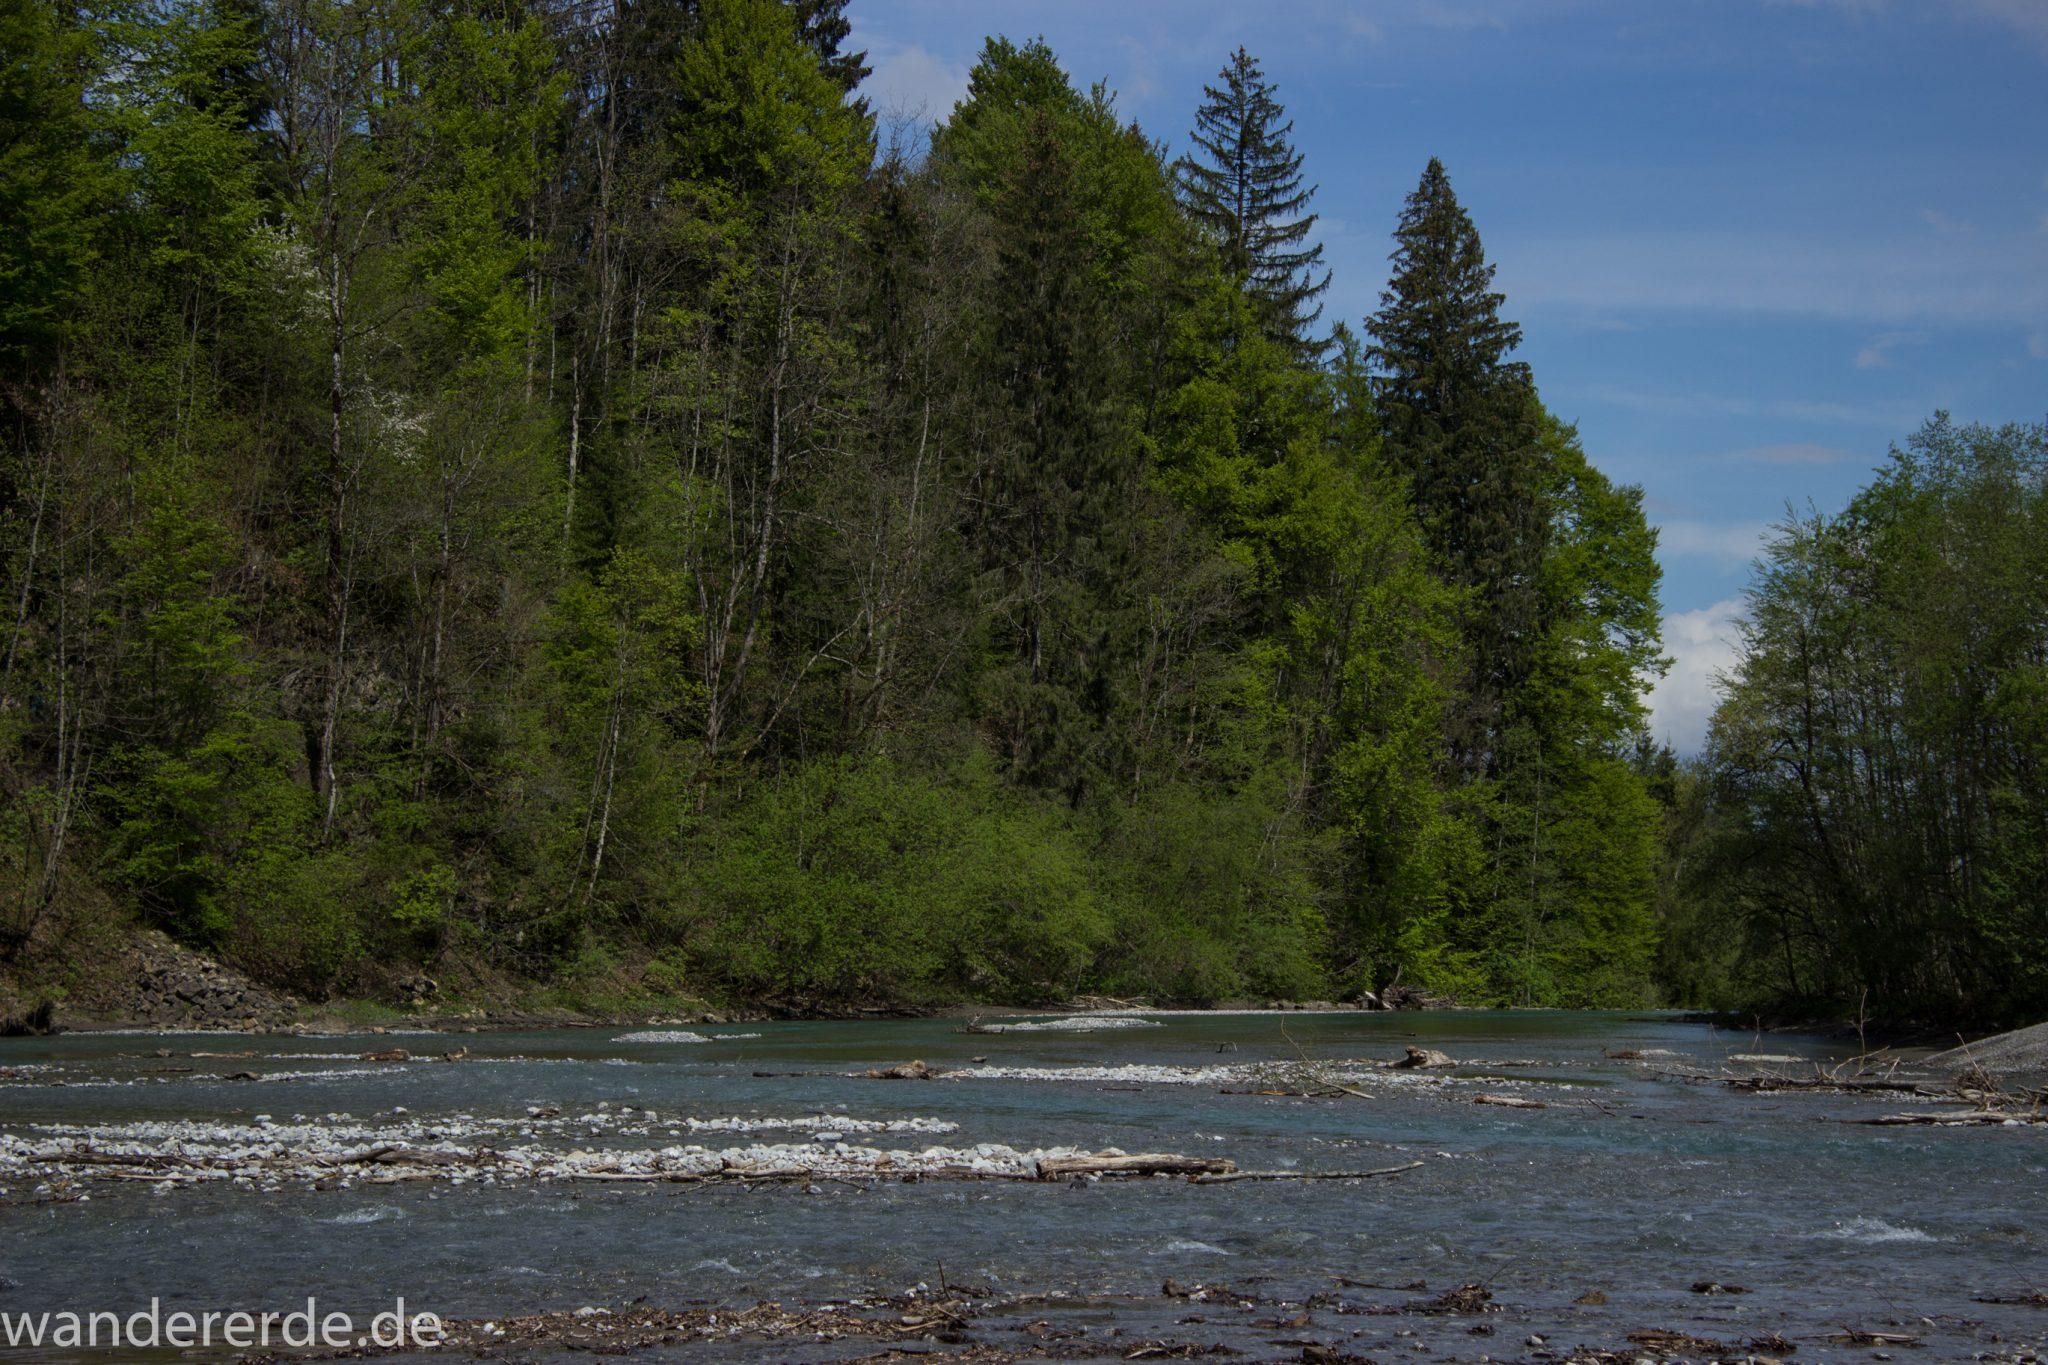 Wanderung Oberstdorf nach Gerstruben im Allgäu, Bayern, Wanderweg durch das Trettachtal, Aussicht auf Fluß Trettach, Ufer mit schönen Bäumen, sattgrüner Wald, Frühling in den Bergen